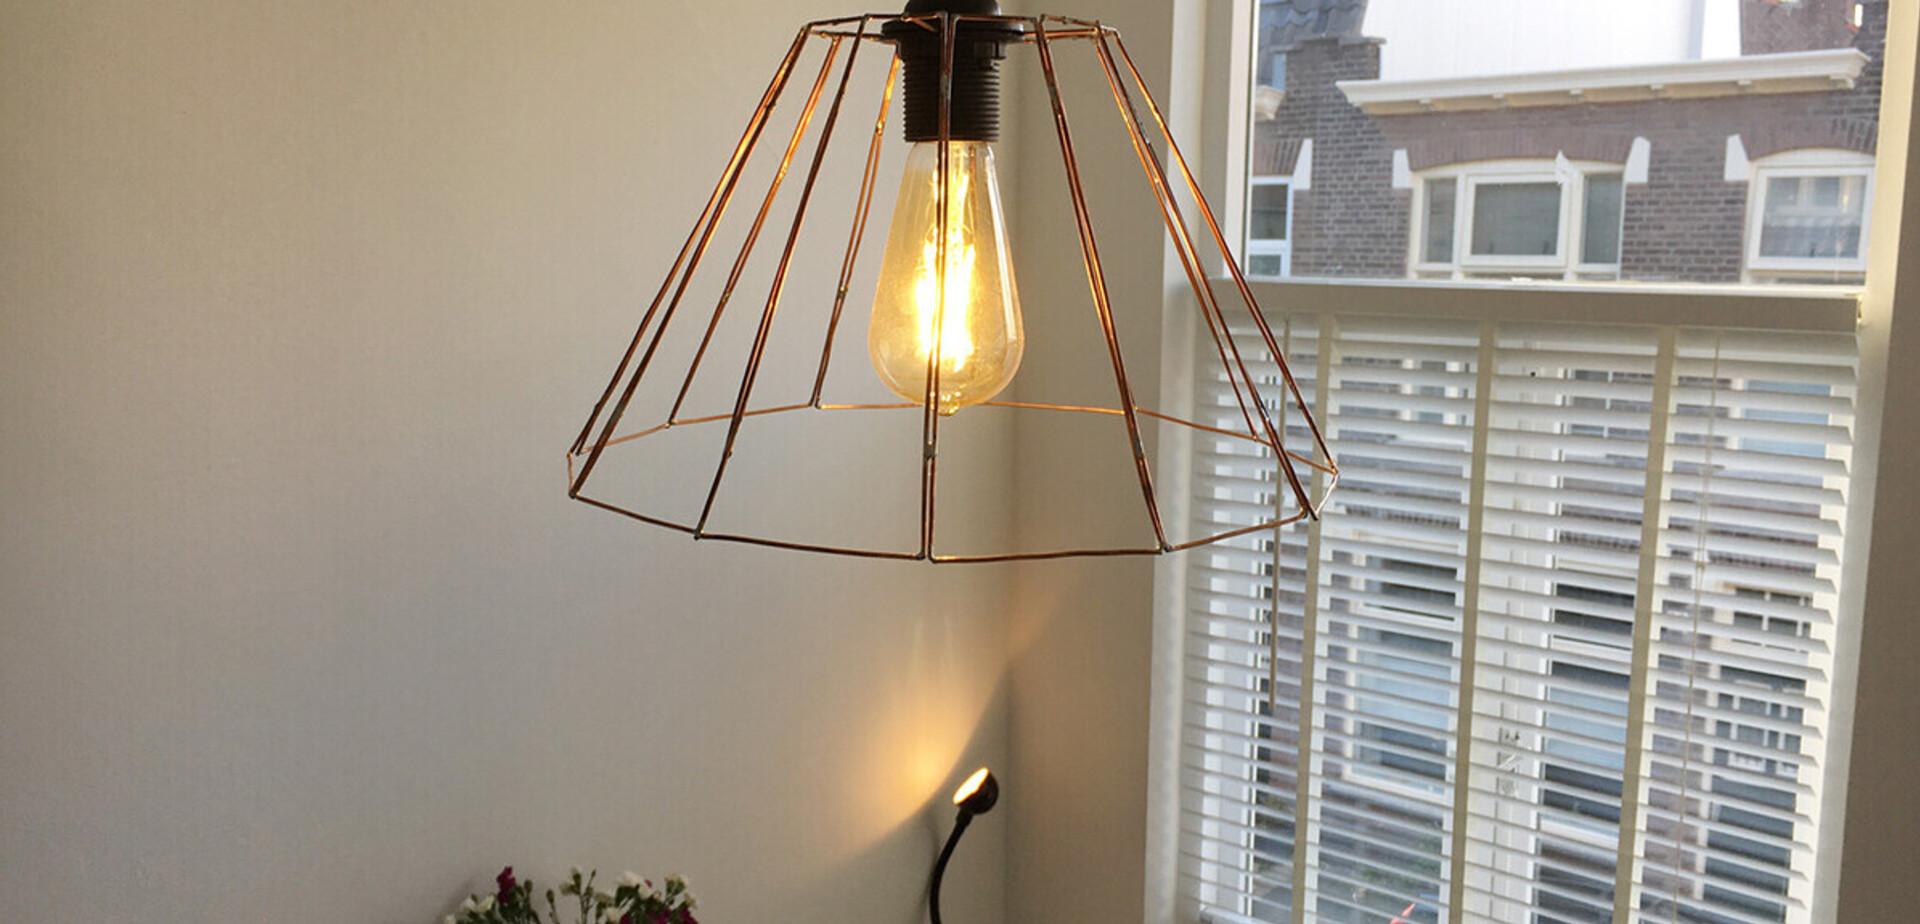 Fabriquer Une Lampe Style Industriel fabriquer une lampe de style industriel (conception de bas